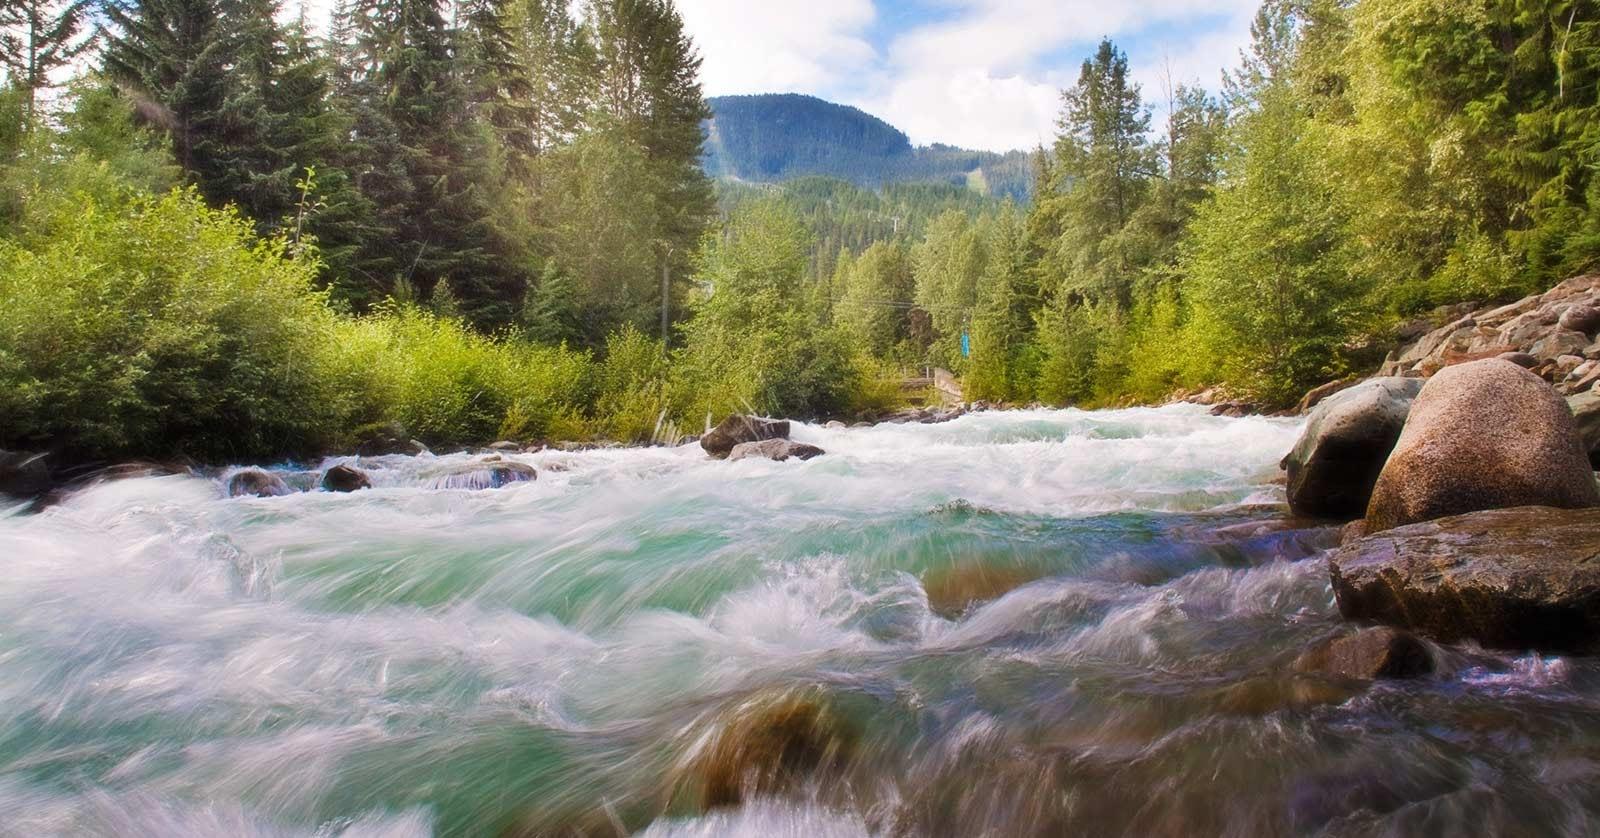 Sei im Fluss, sei glücklich - von Sabien Kipphan-Oehmig